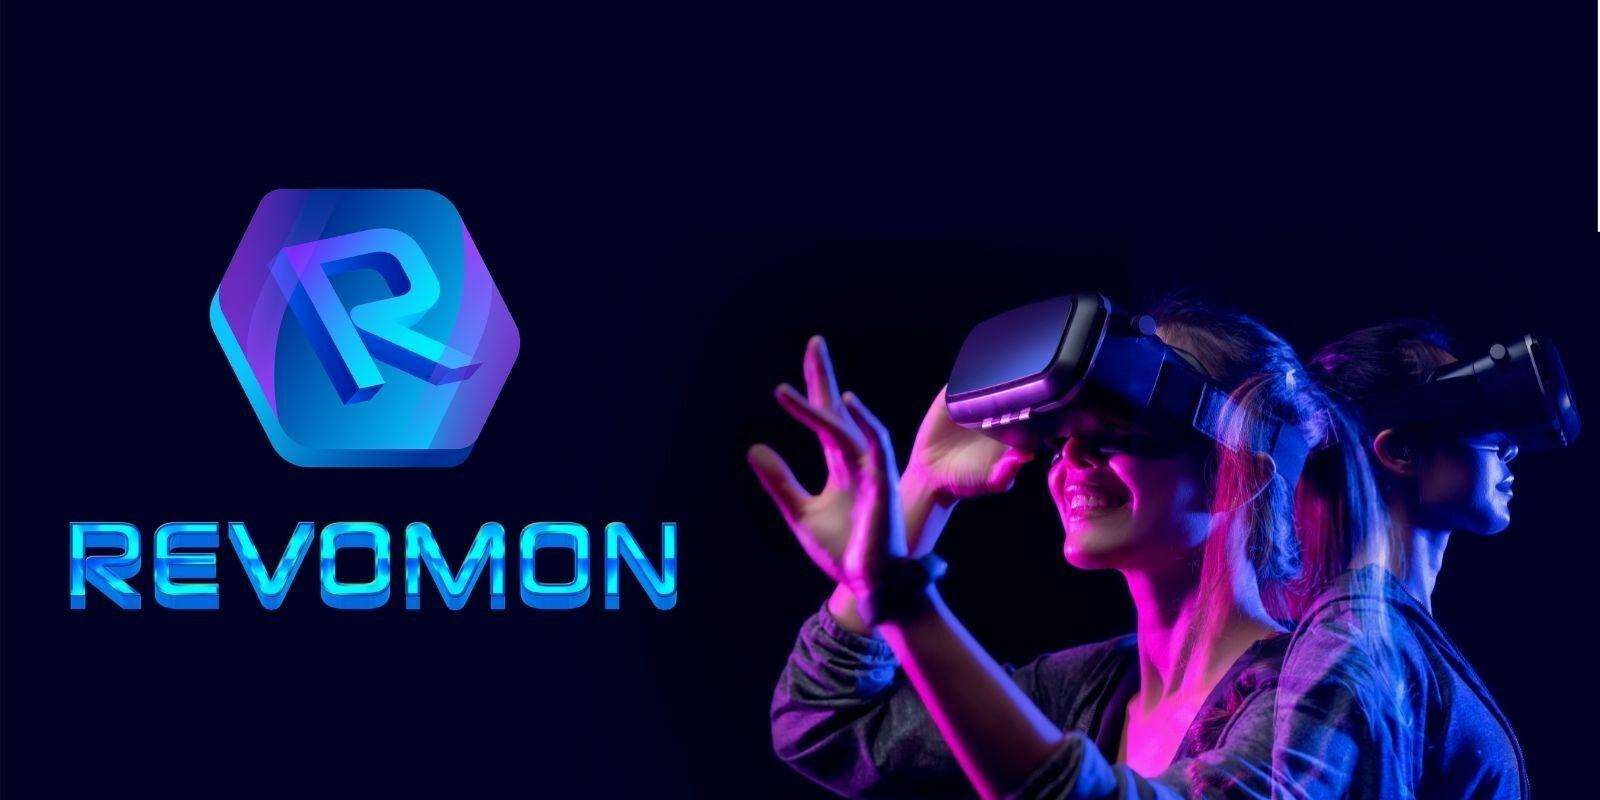 Revomon (REVO), un jeu de monstres à collectionner mêlant NFTs et réalité virtuelle